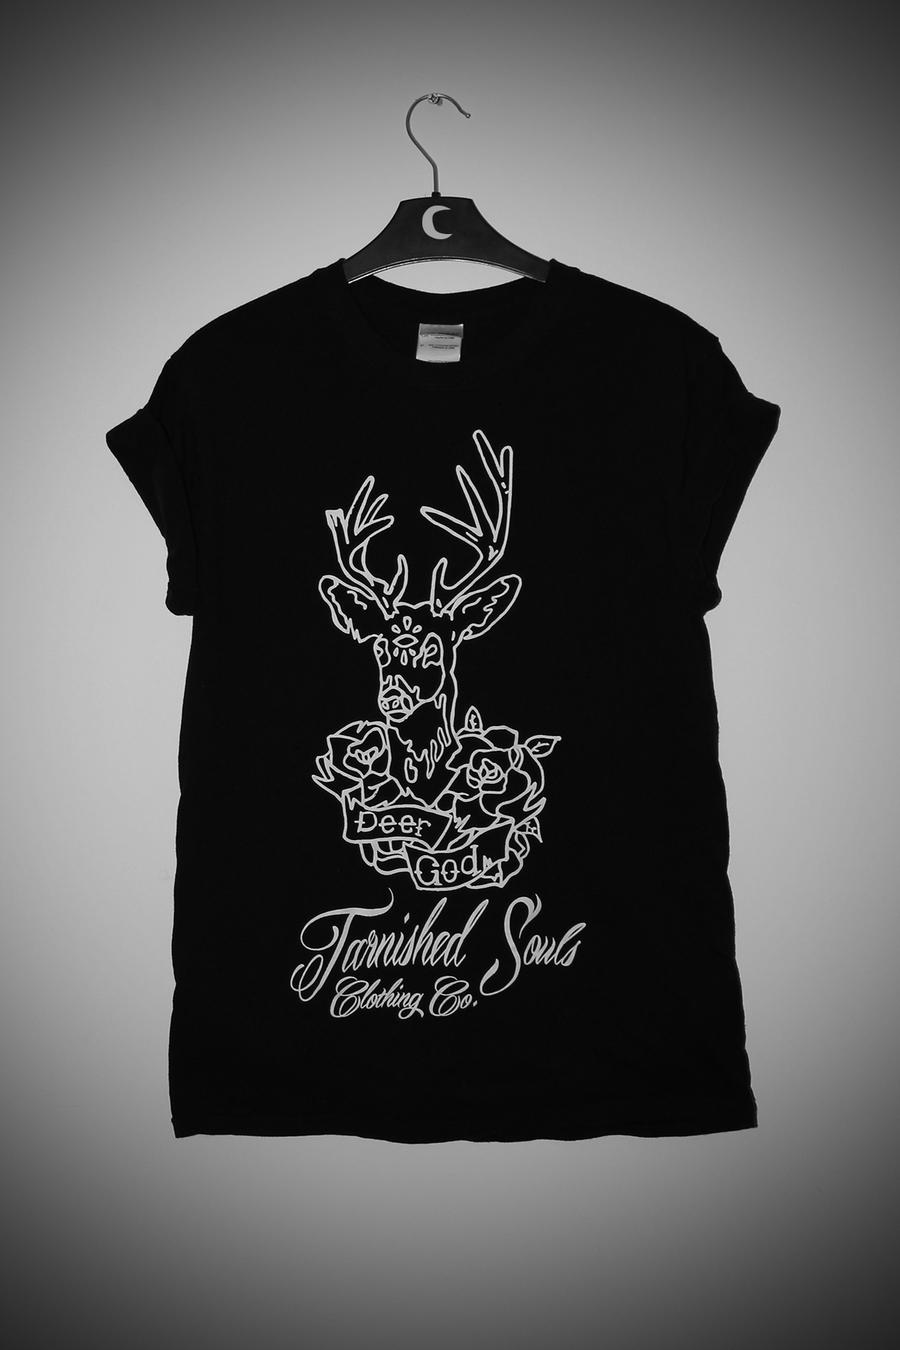 Tarnished souls clothing co. — deer god t